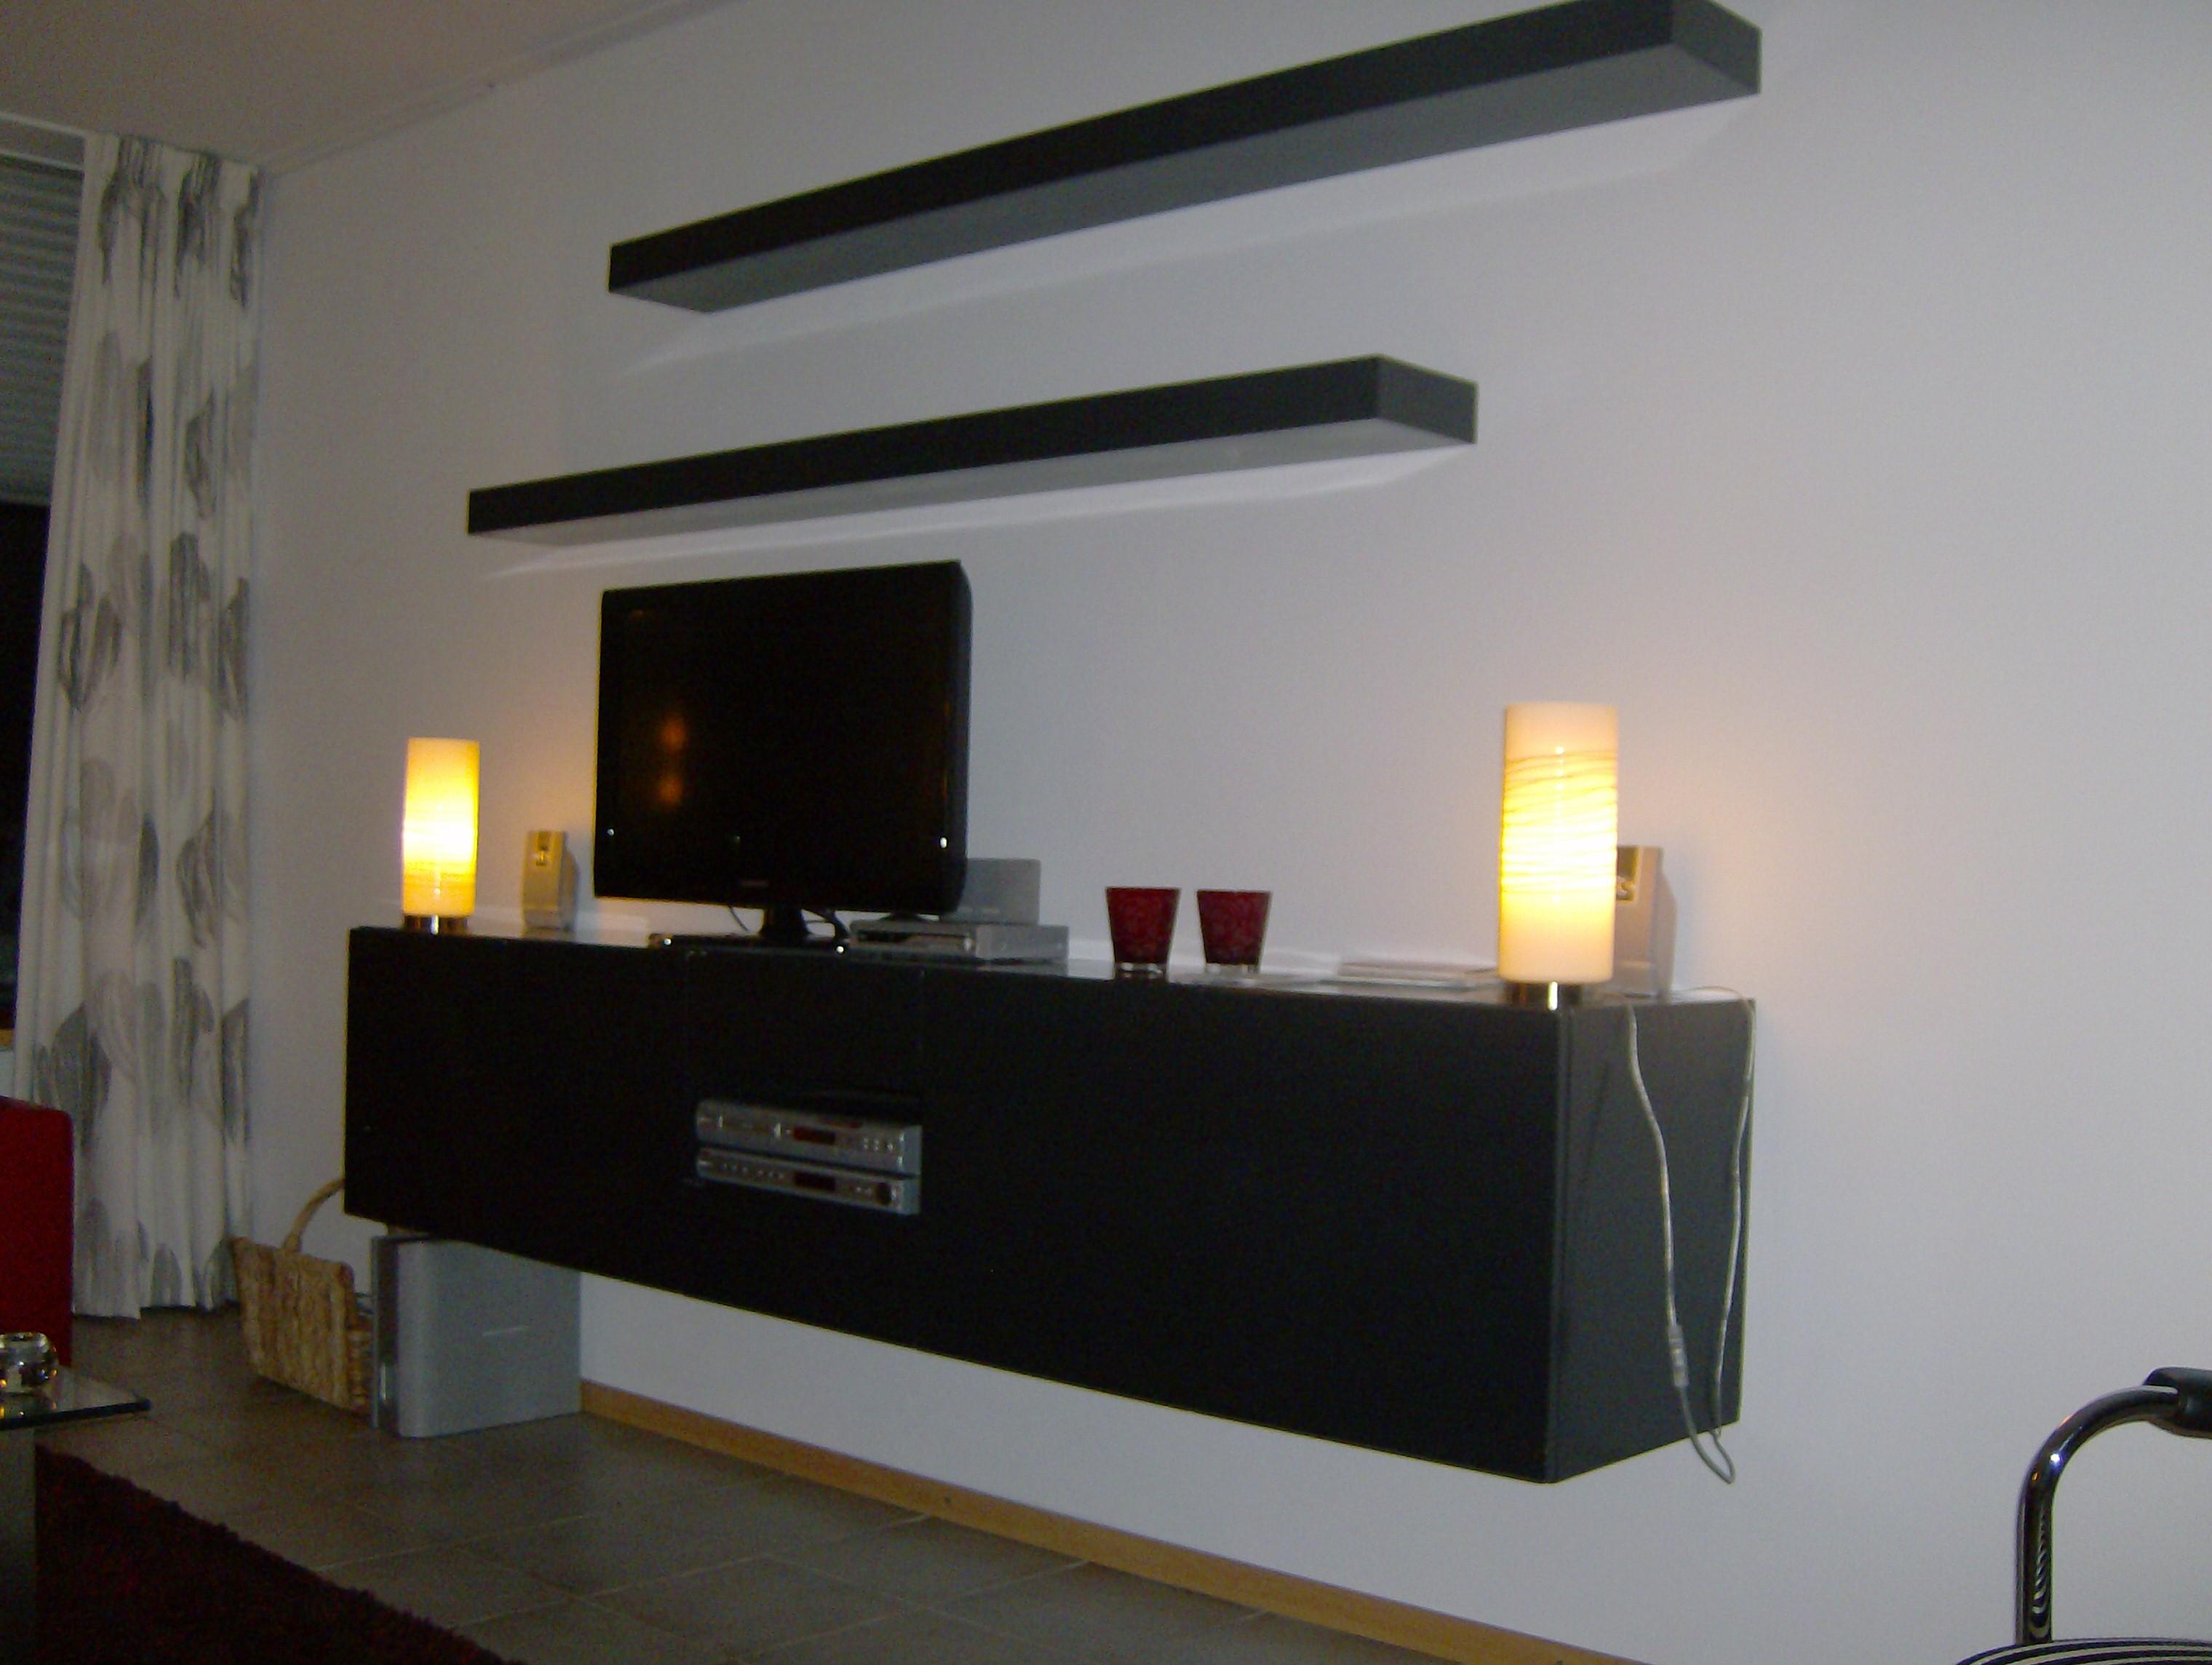 Blinde Wandplank Met Verlichting.Plank Met Verlichting Fabulous Plank Met Verlichting With Plank Met